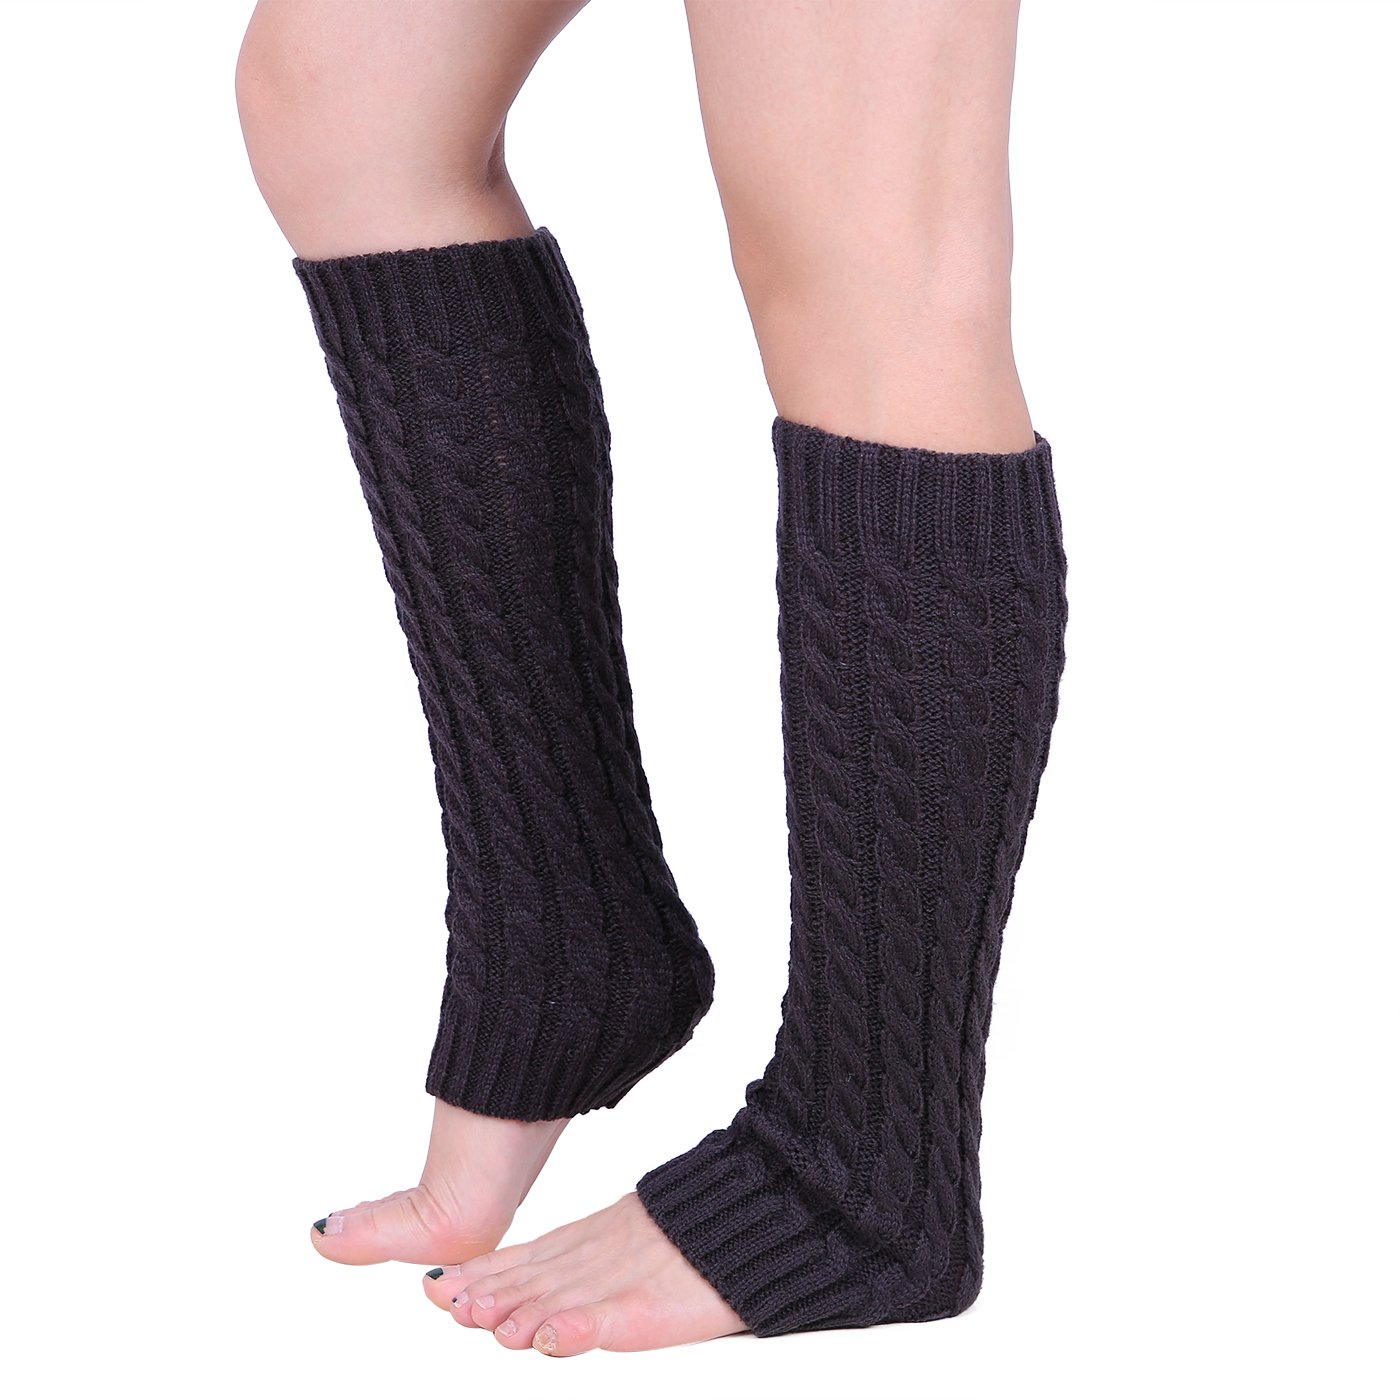 HDE Women's Cable Knit Leg Warmers Crochet Long Stockings Winter Boot Cuff Socks HDE-X261-2014